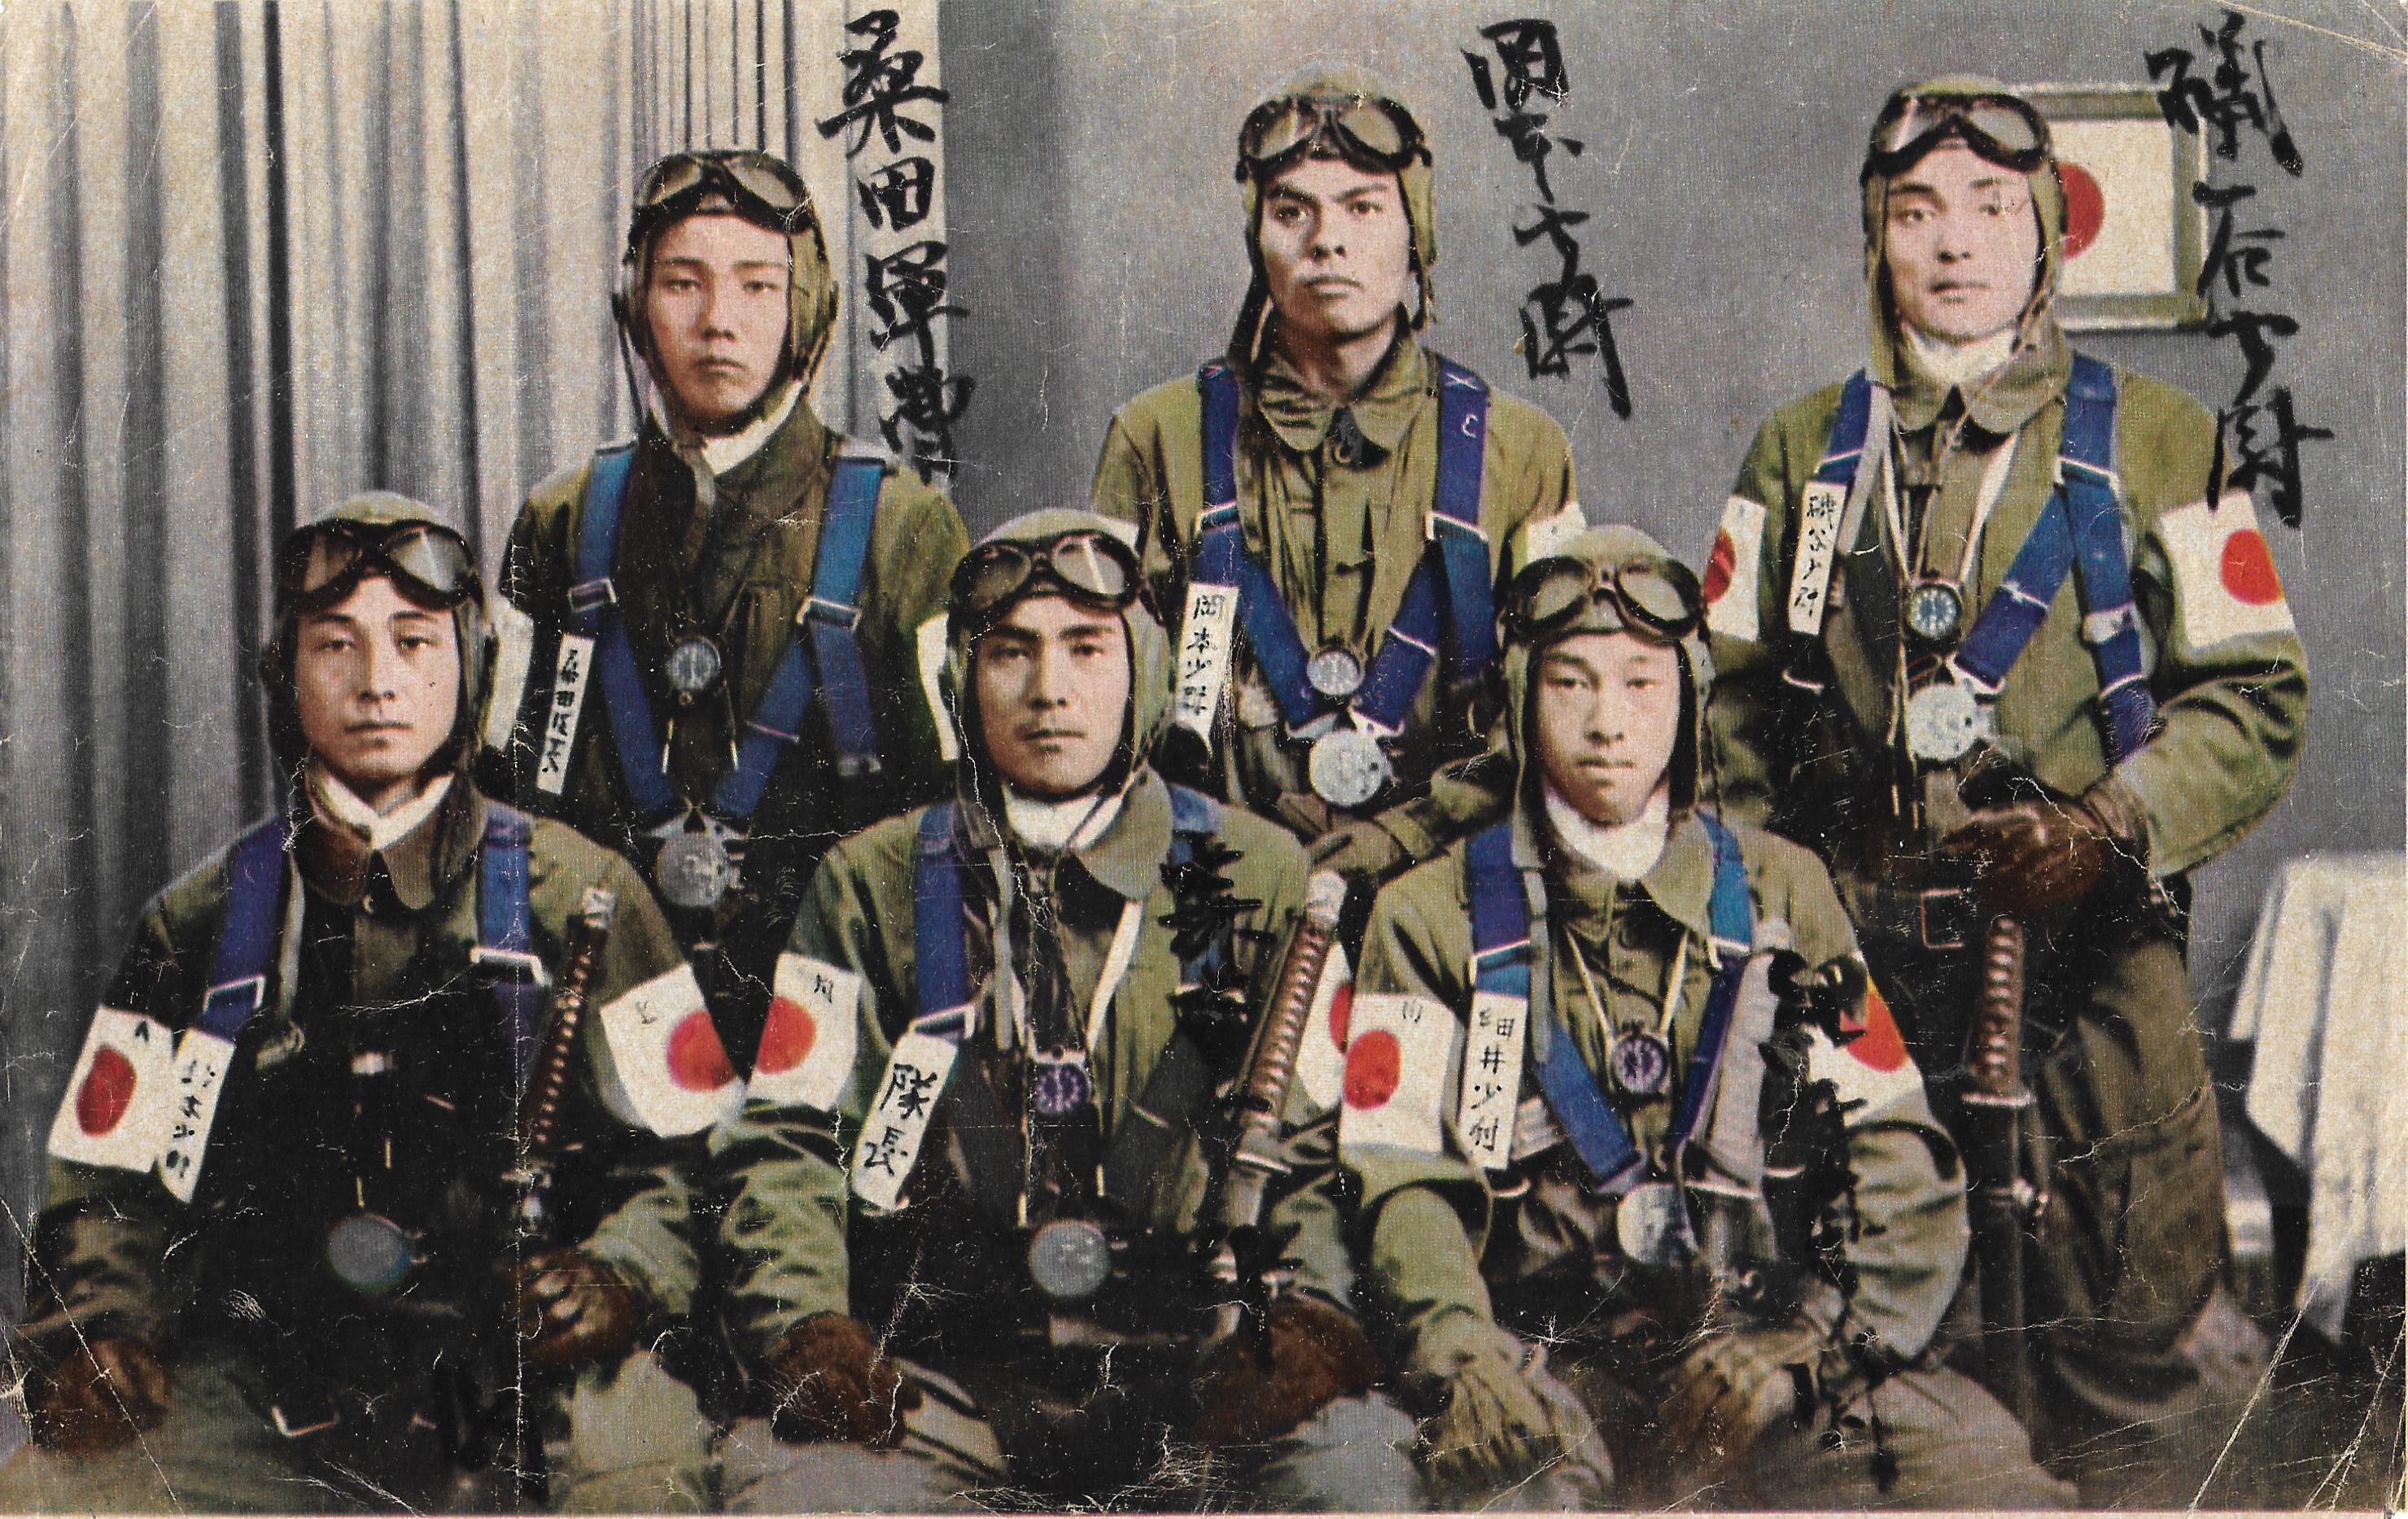 JAAF-Kamikaze-group